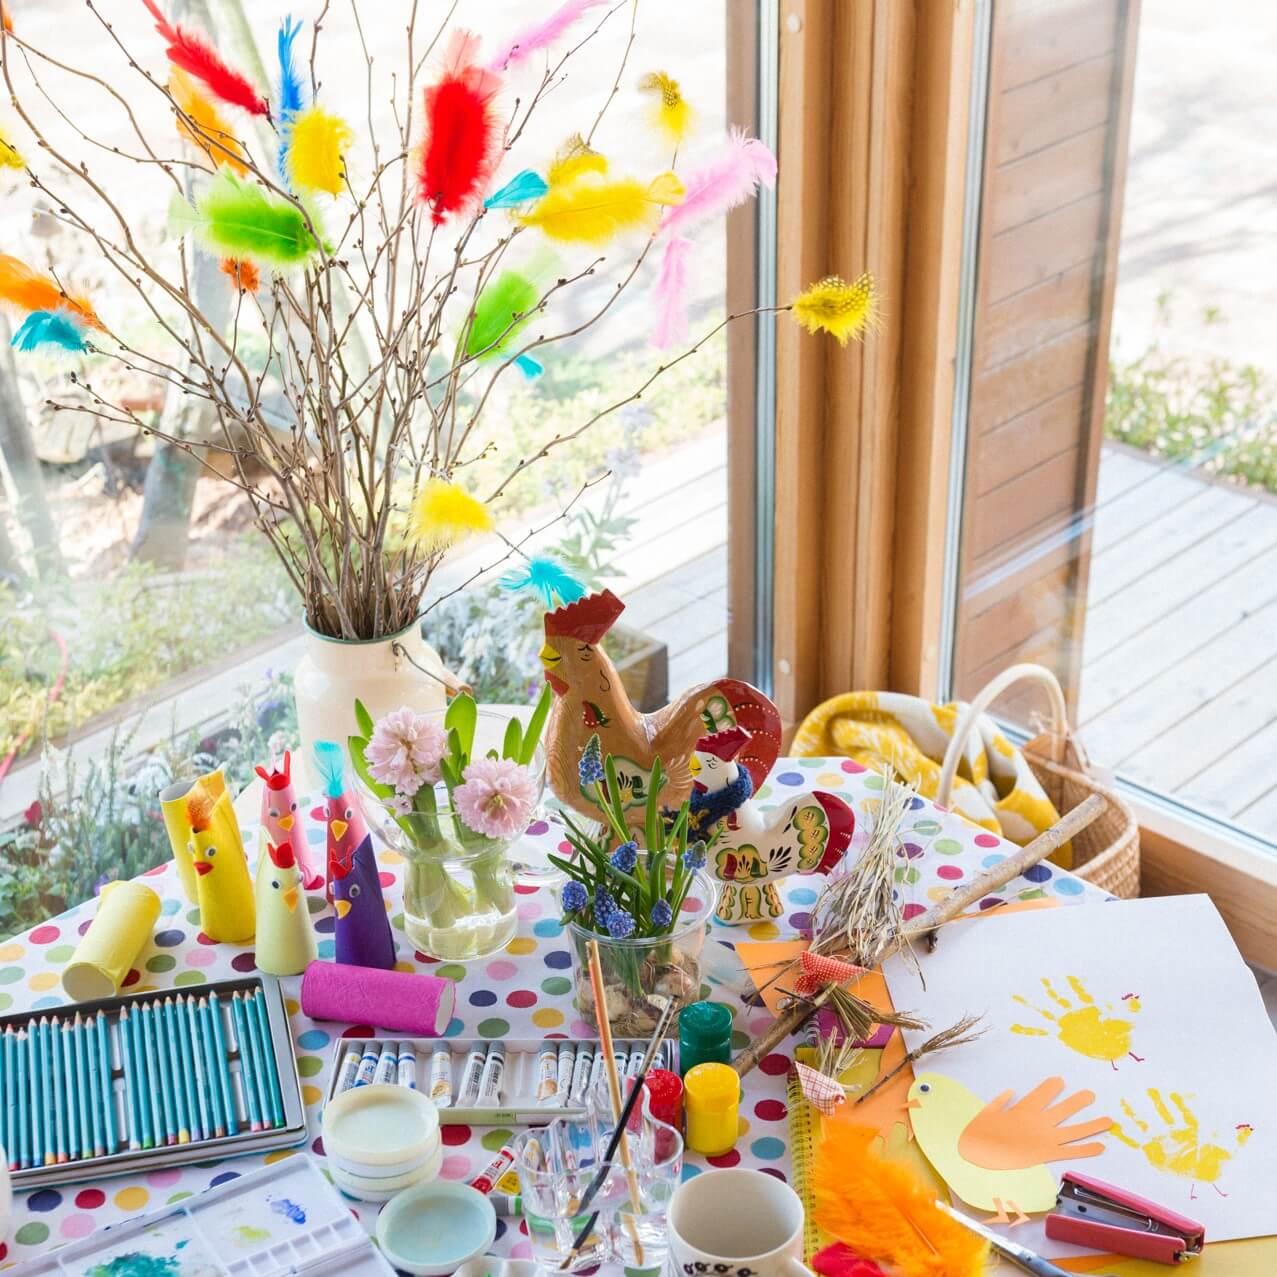 スウェーデンハウスで楽しむ春の訪れ、「Påsk(ポスク)」